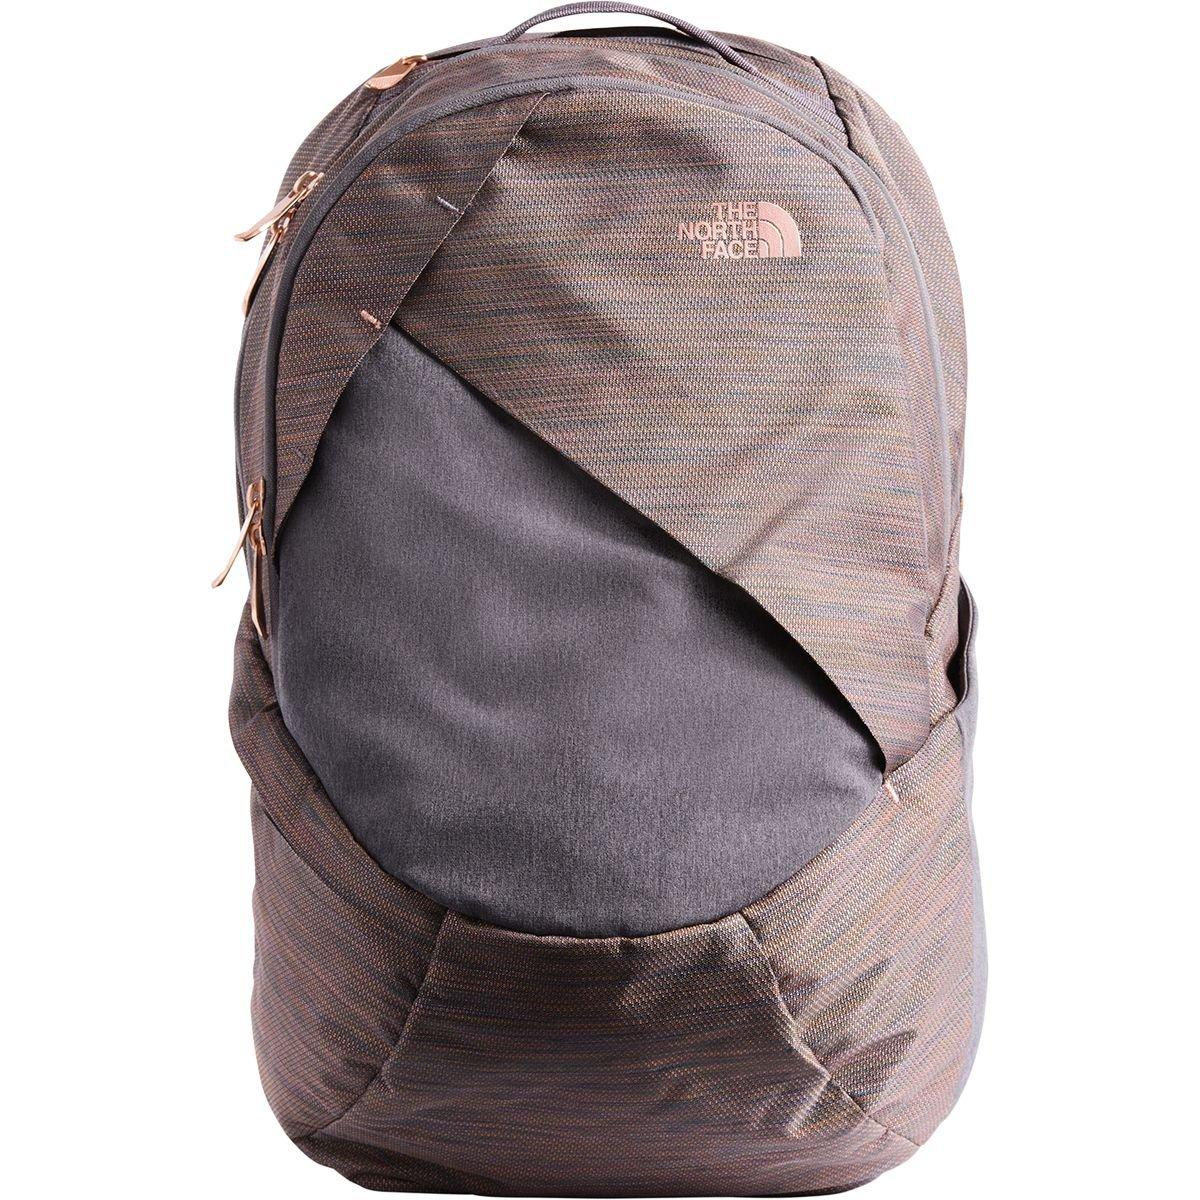 (ザノースフェイス) The North Face Isabella 21L Backpack - Women'sレディース バックパック リュック Rabbit Grey Copper Melange [並行輸入品] B07F9T38P9  One Size